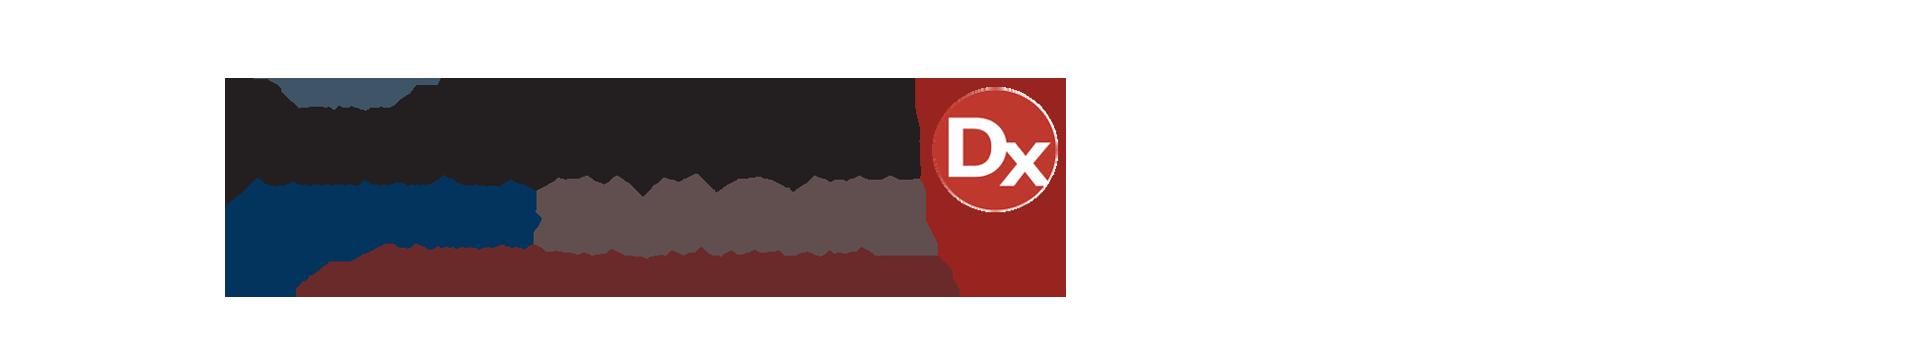 Next Generation Dx Summit Short Course Scheduled